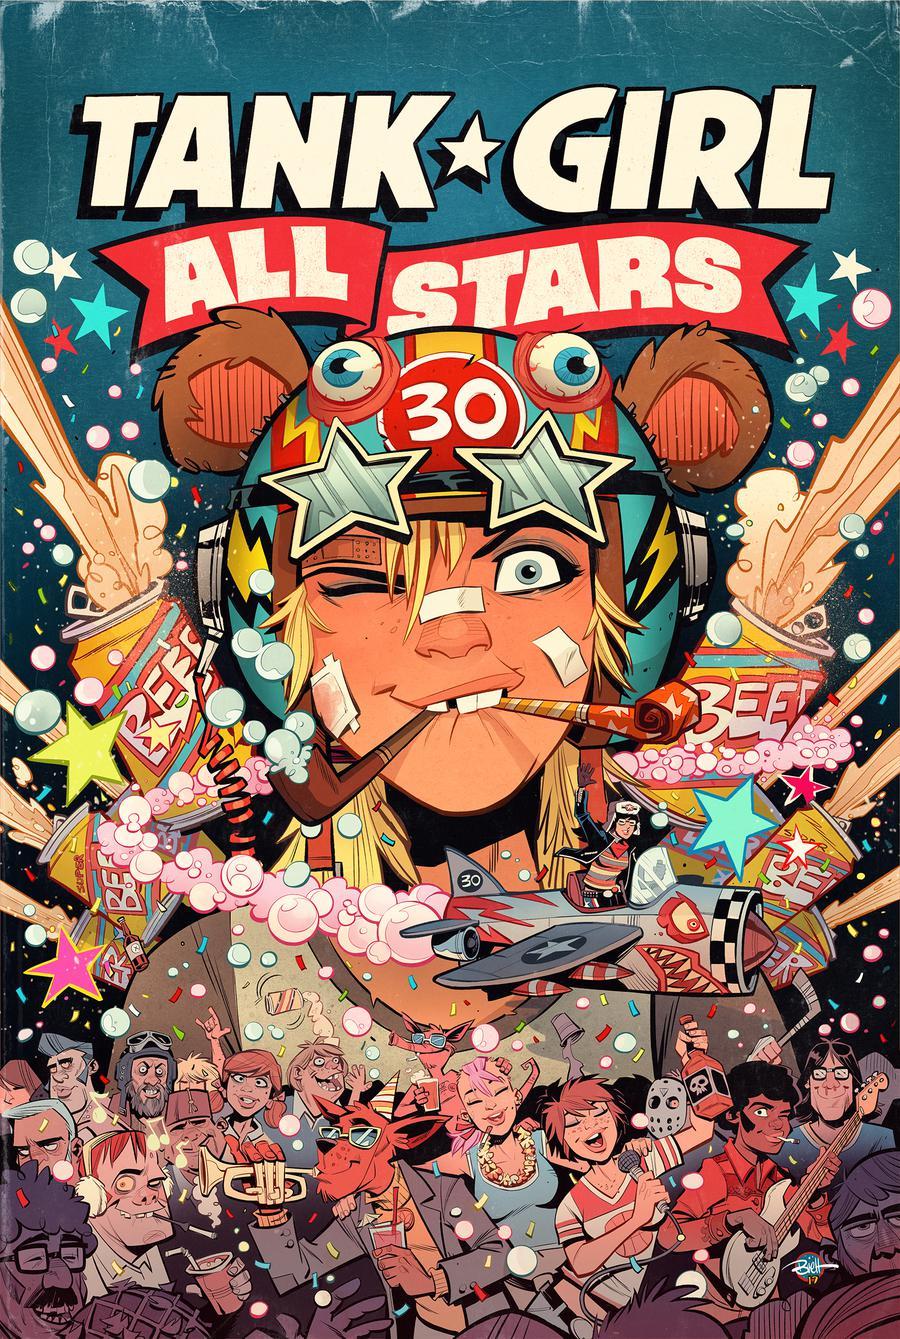 Tank Girl All Stars #1 Cover A Regular Brett Parson Cover